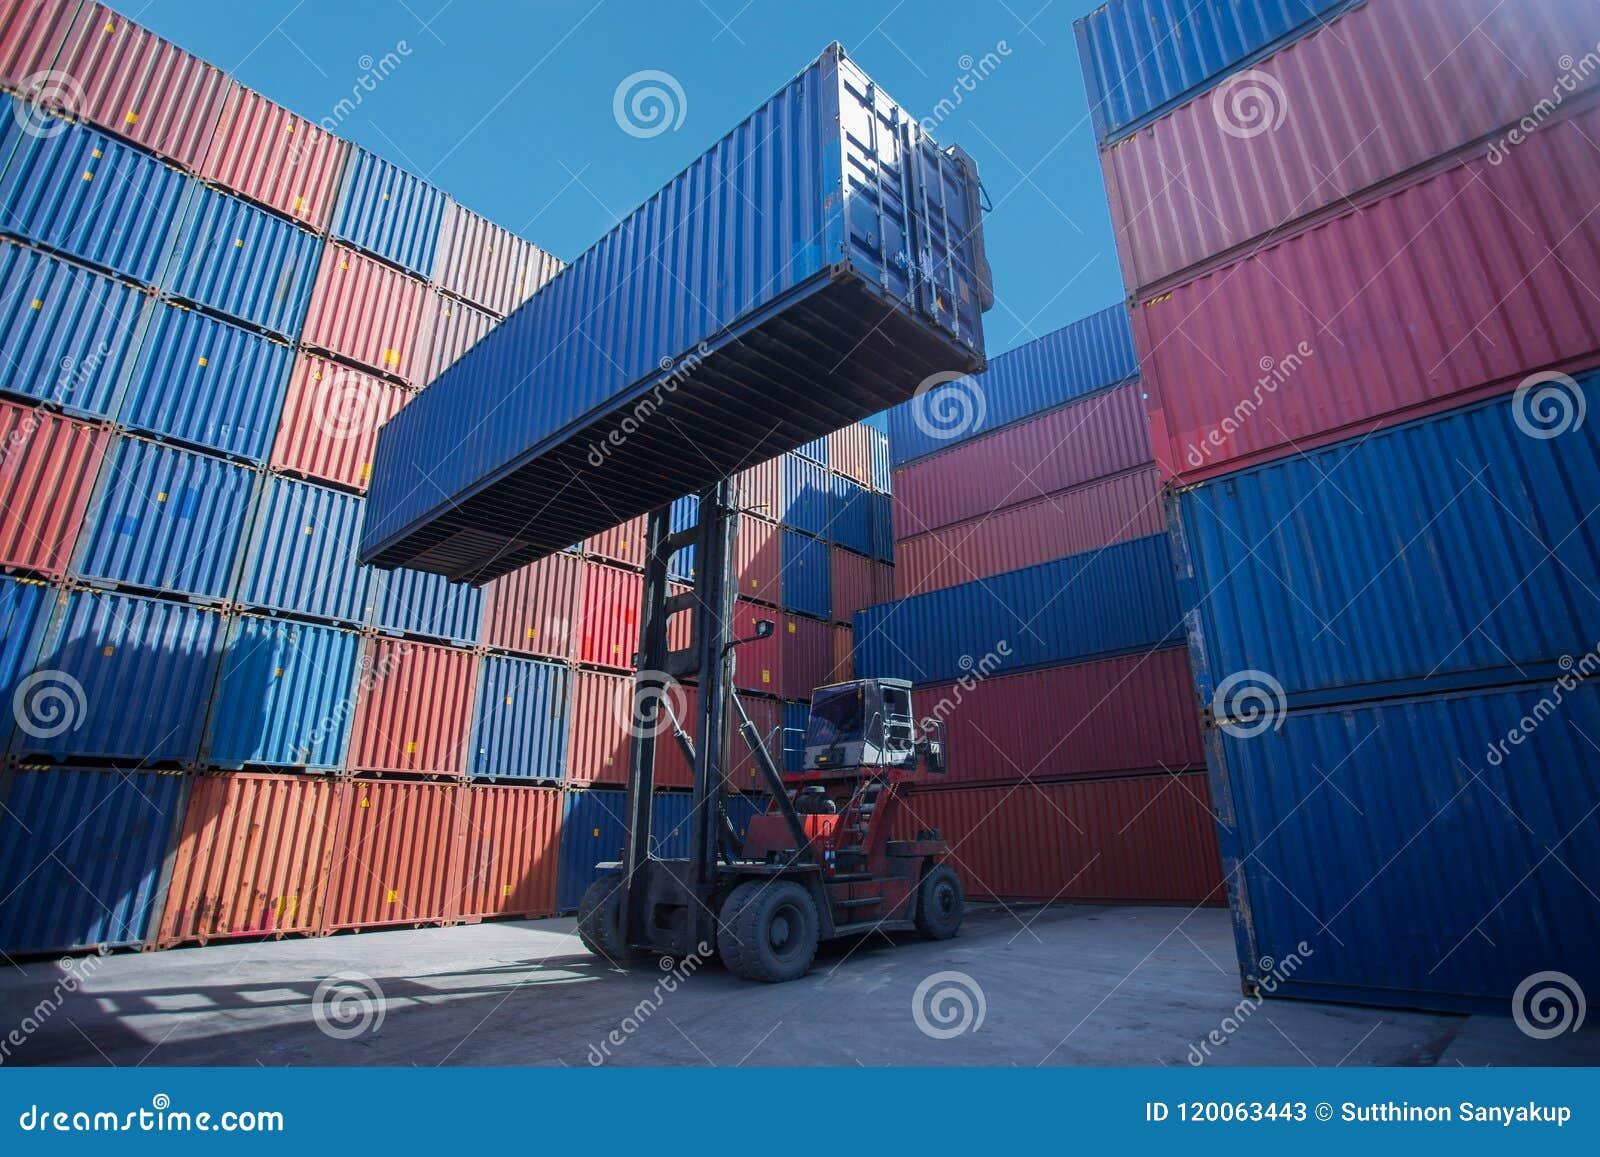 Gaffeltrucklyftande lastbehållare i sändande gård eller skeppsdockagård mot soluppgånghimmel för trans.import